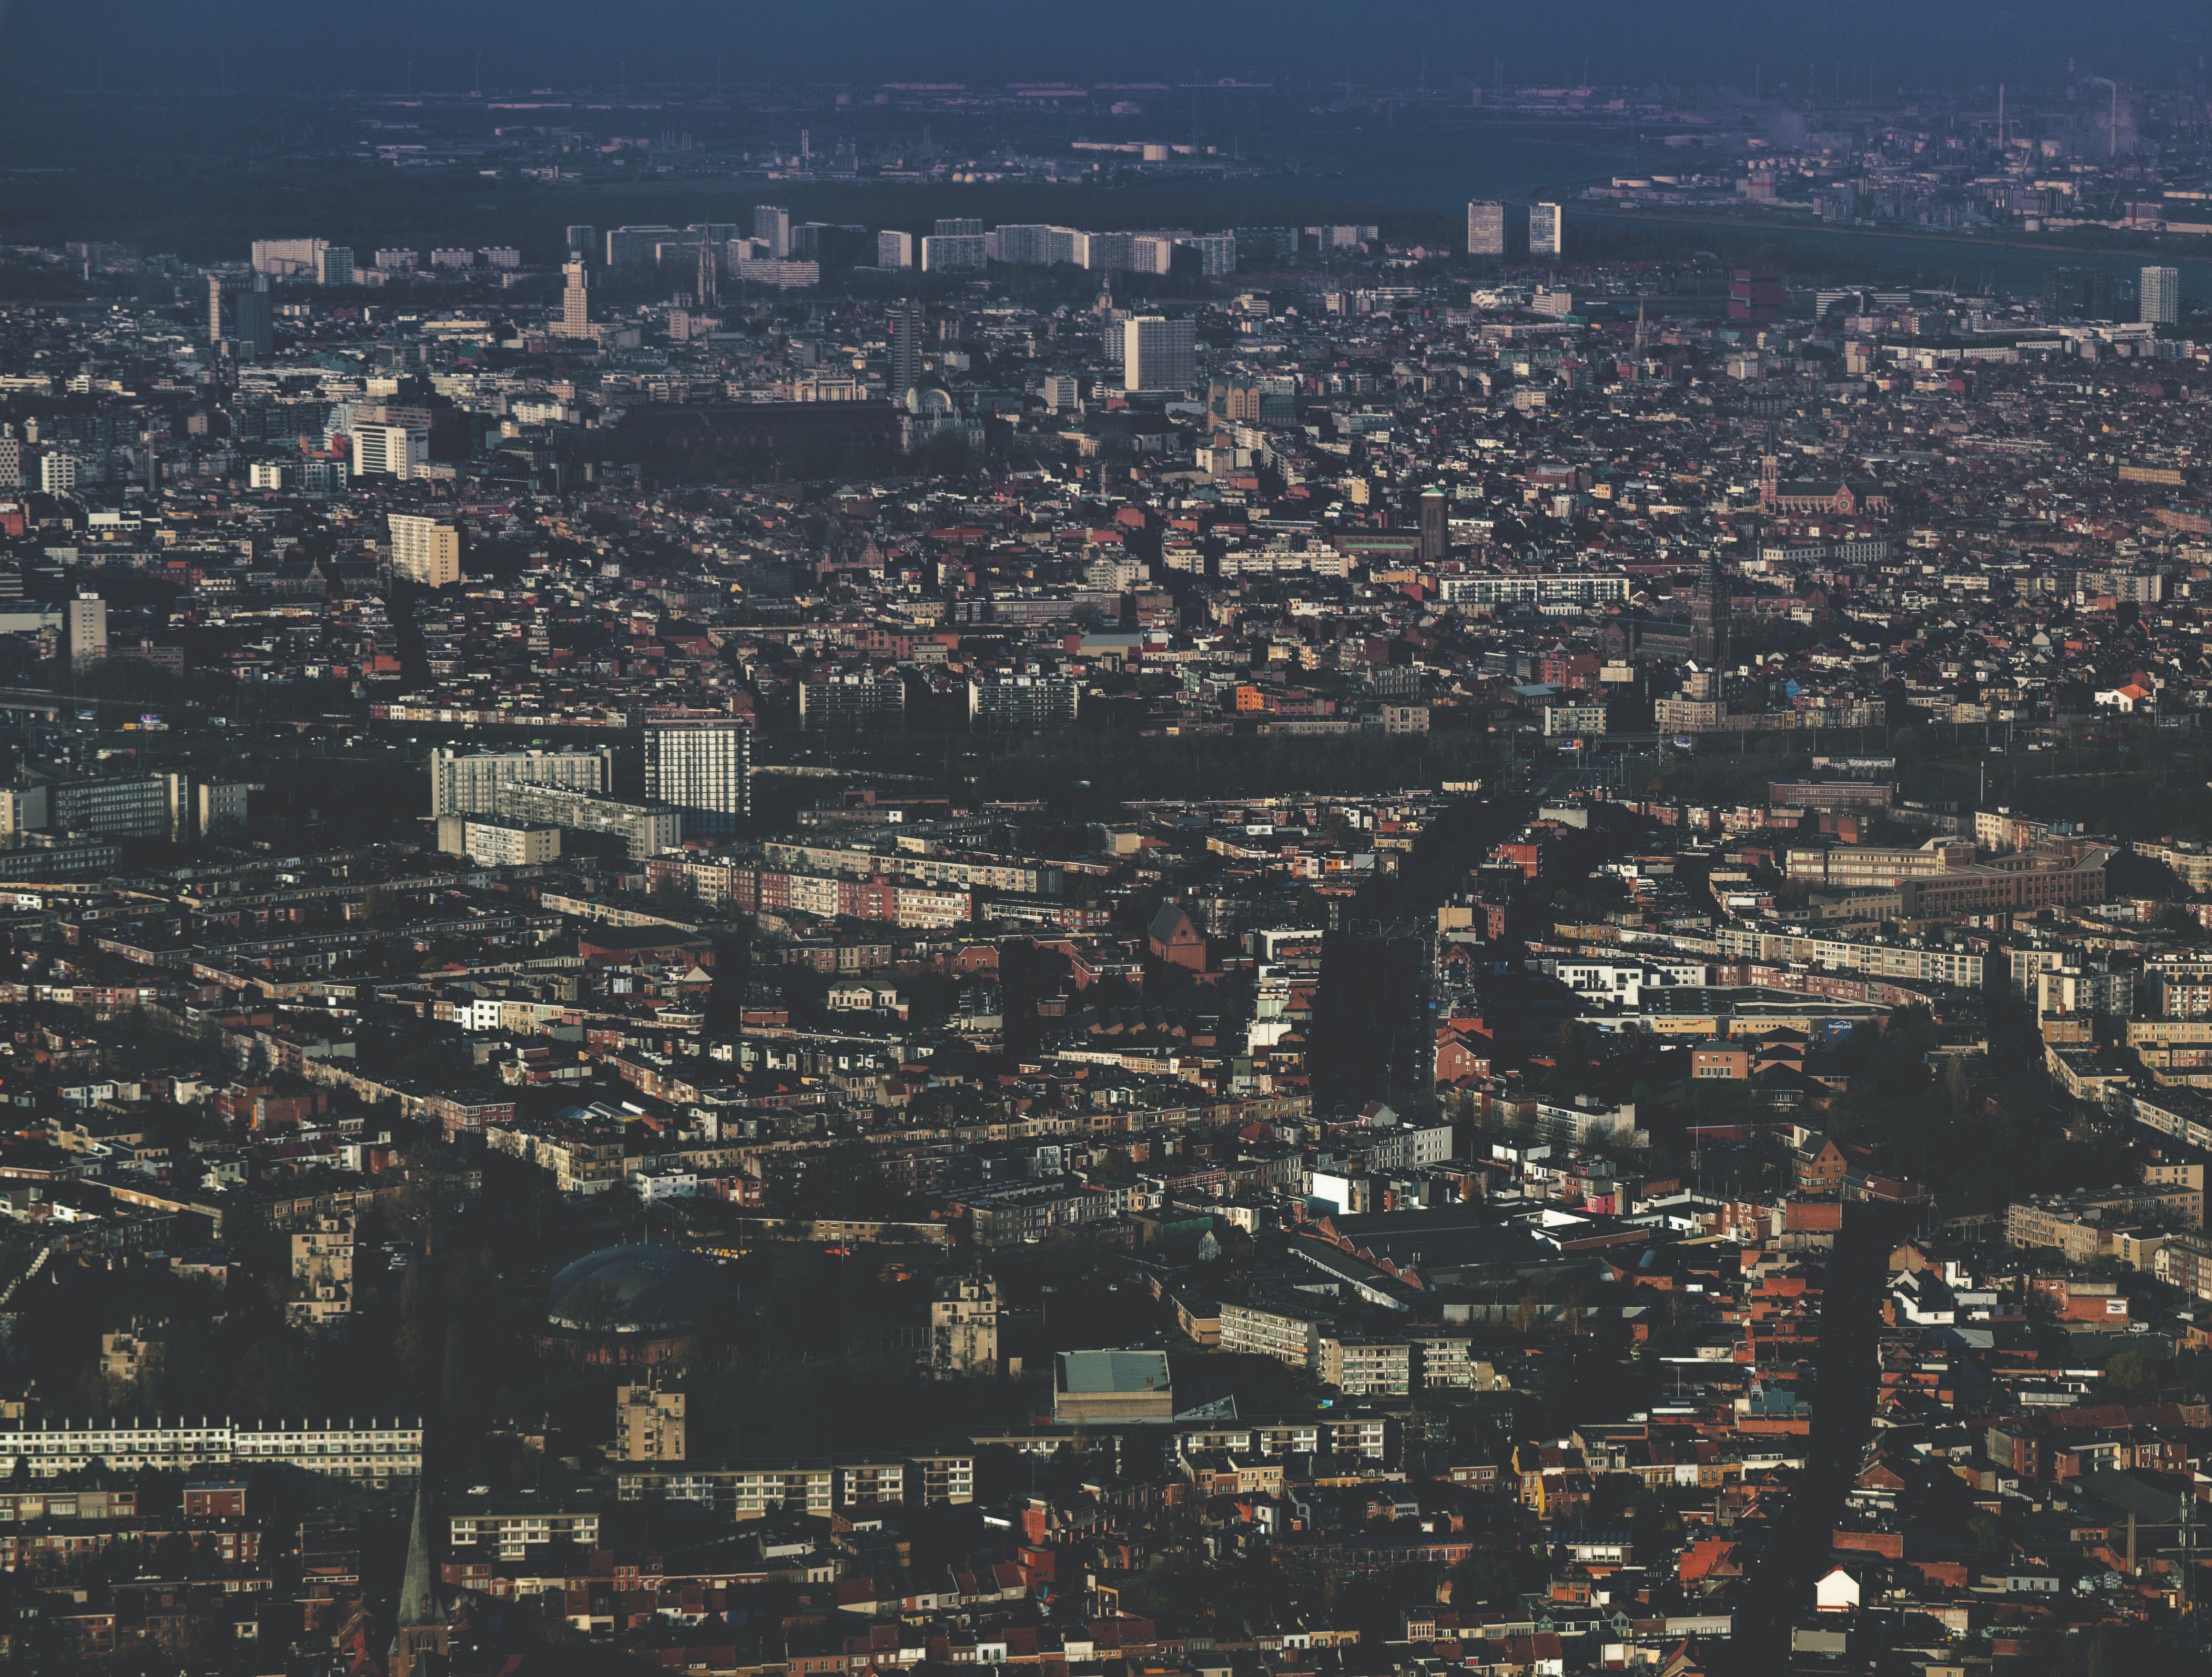 The vast cityscape of Antwerp